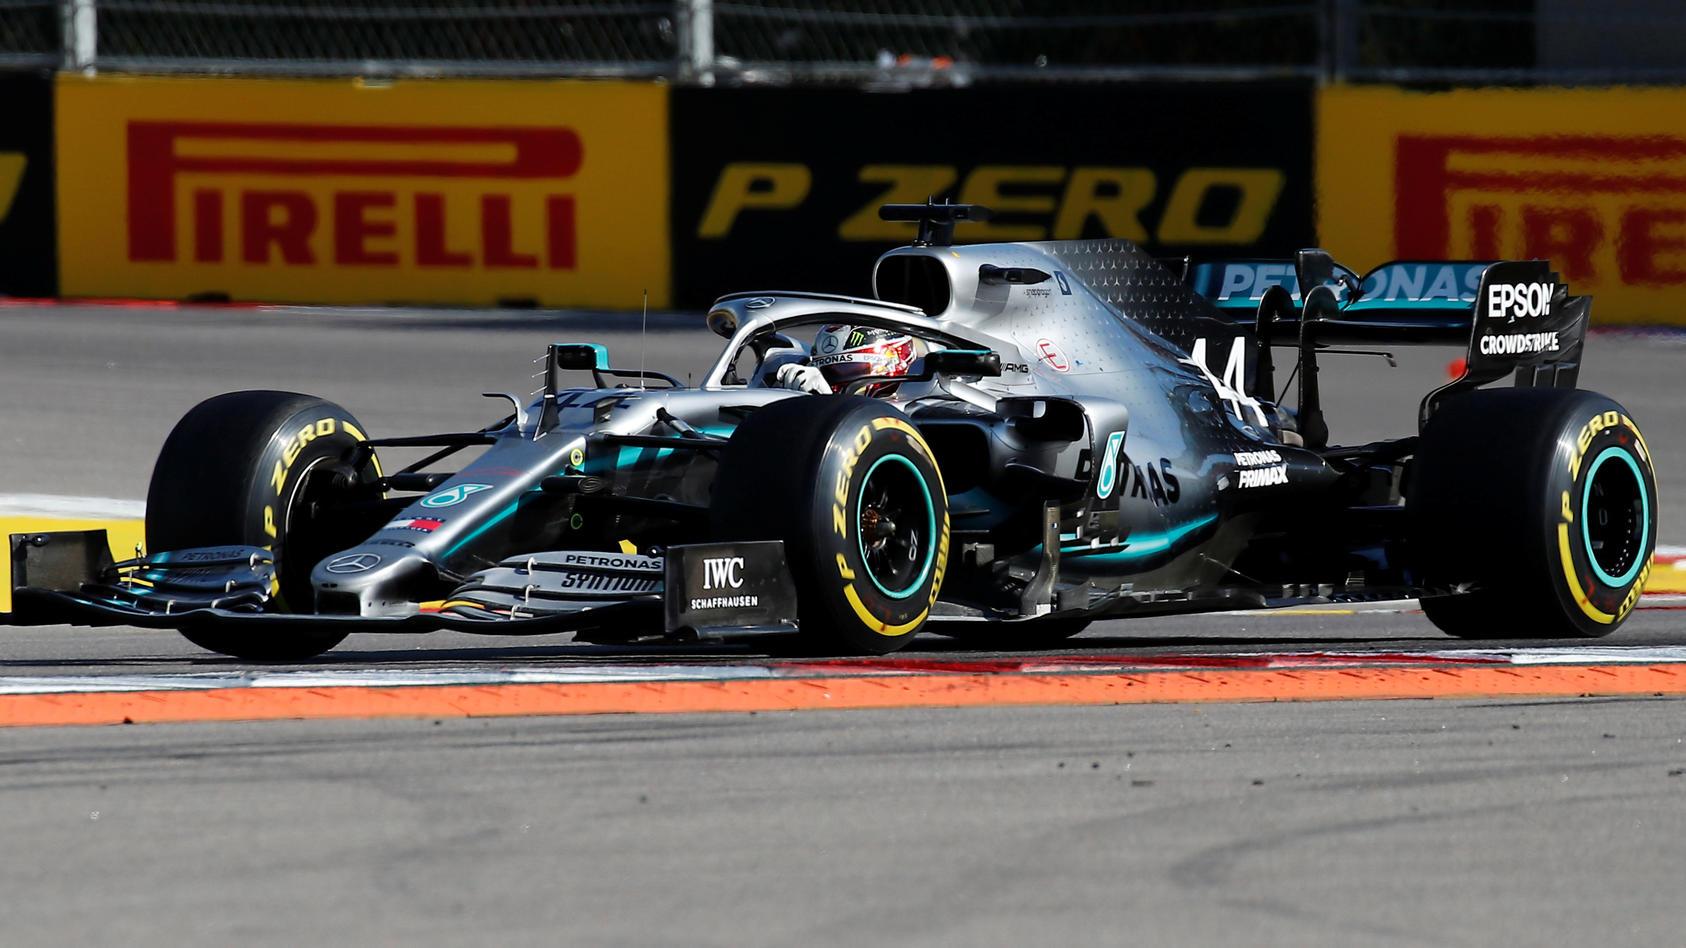 Formel 1 Rennen Russland GP in Sotschi live im TV oder online im Live-Ticker sehen